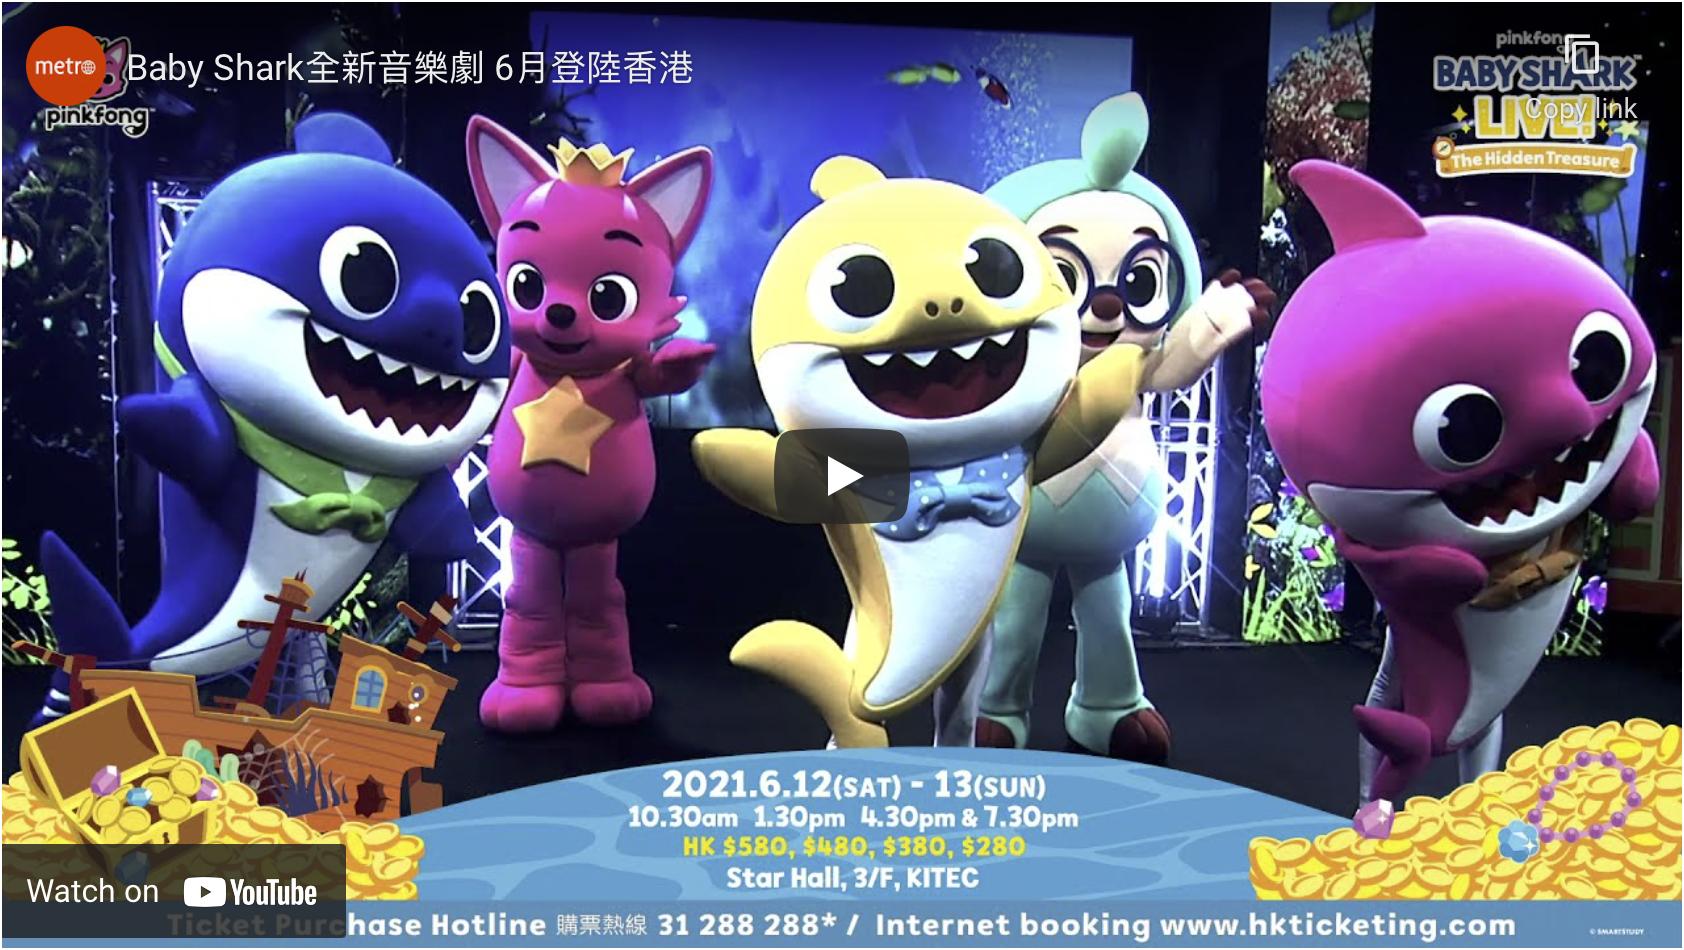 Baby Shark全新音樂劇 6月登陸香港